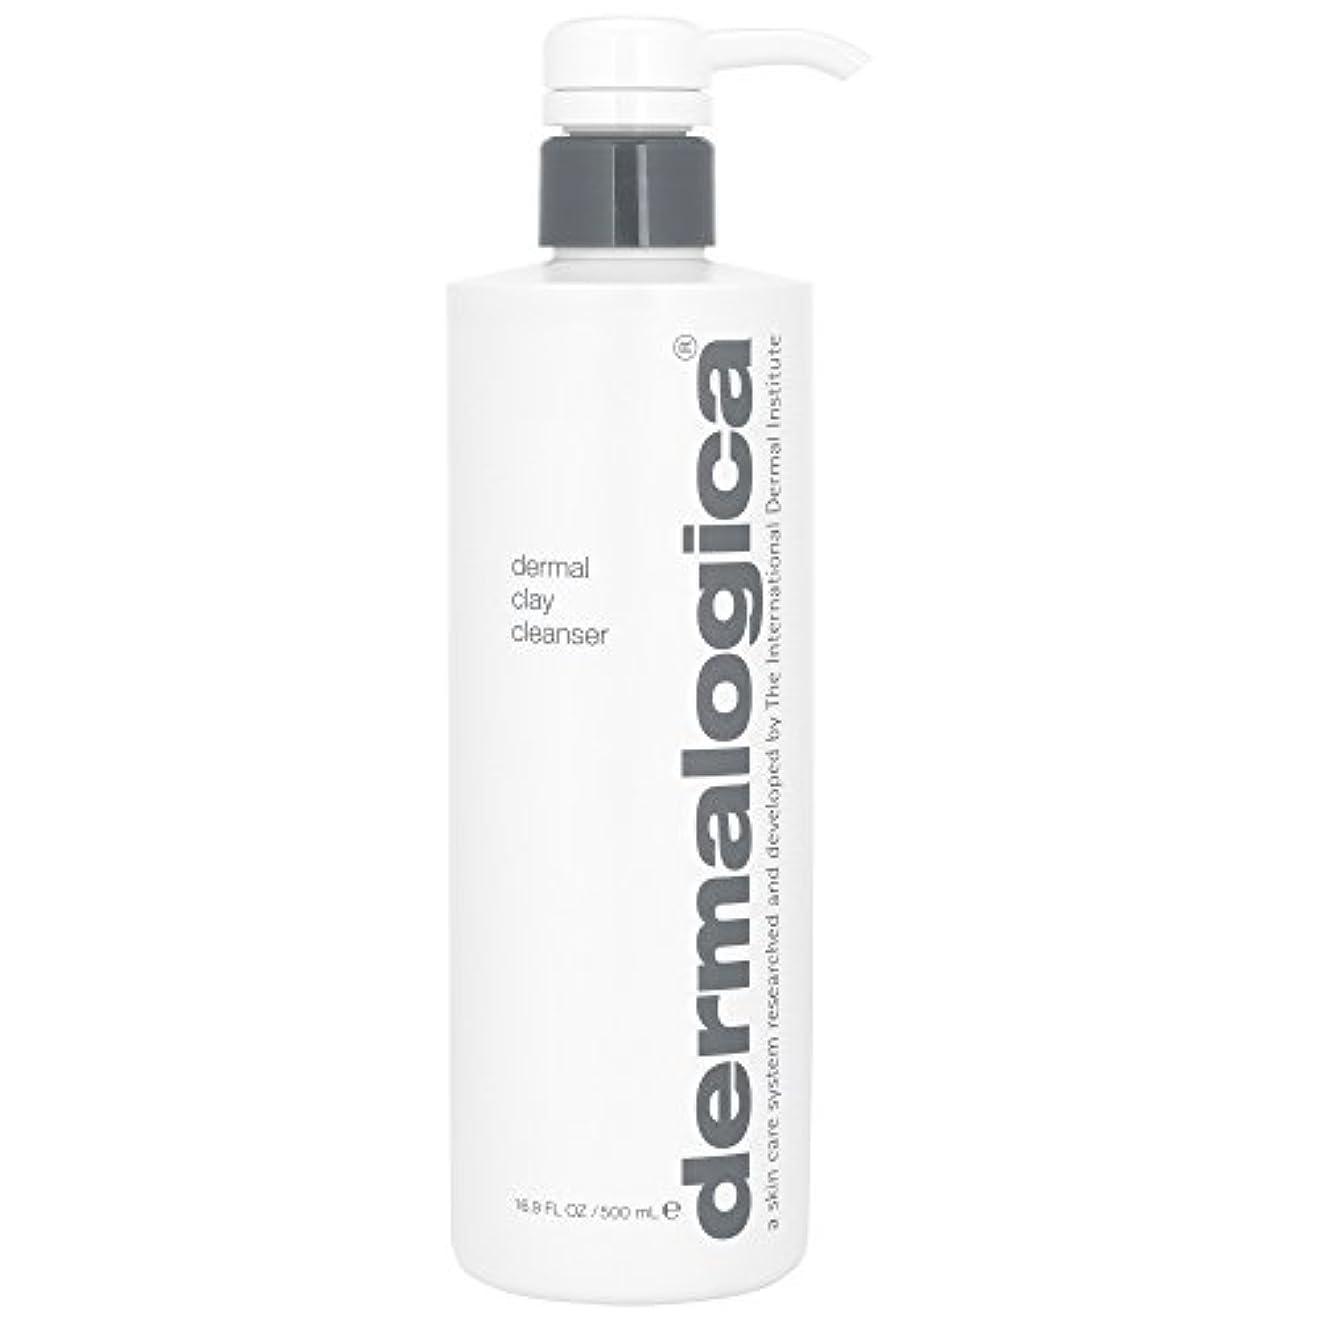 保証する発表する変更可能ダーマロジカ真皮クレイクレンザー500ミリリットル (Dermalogica) (x2) - Dermalogica Dermal Clay Cleanser 500ml (Pack of 2) [並行輸入品]